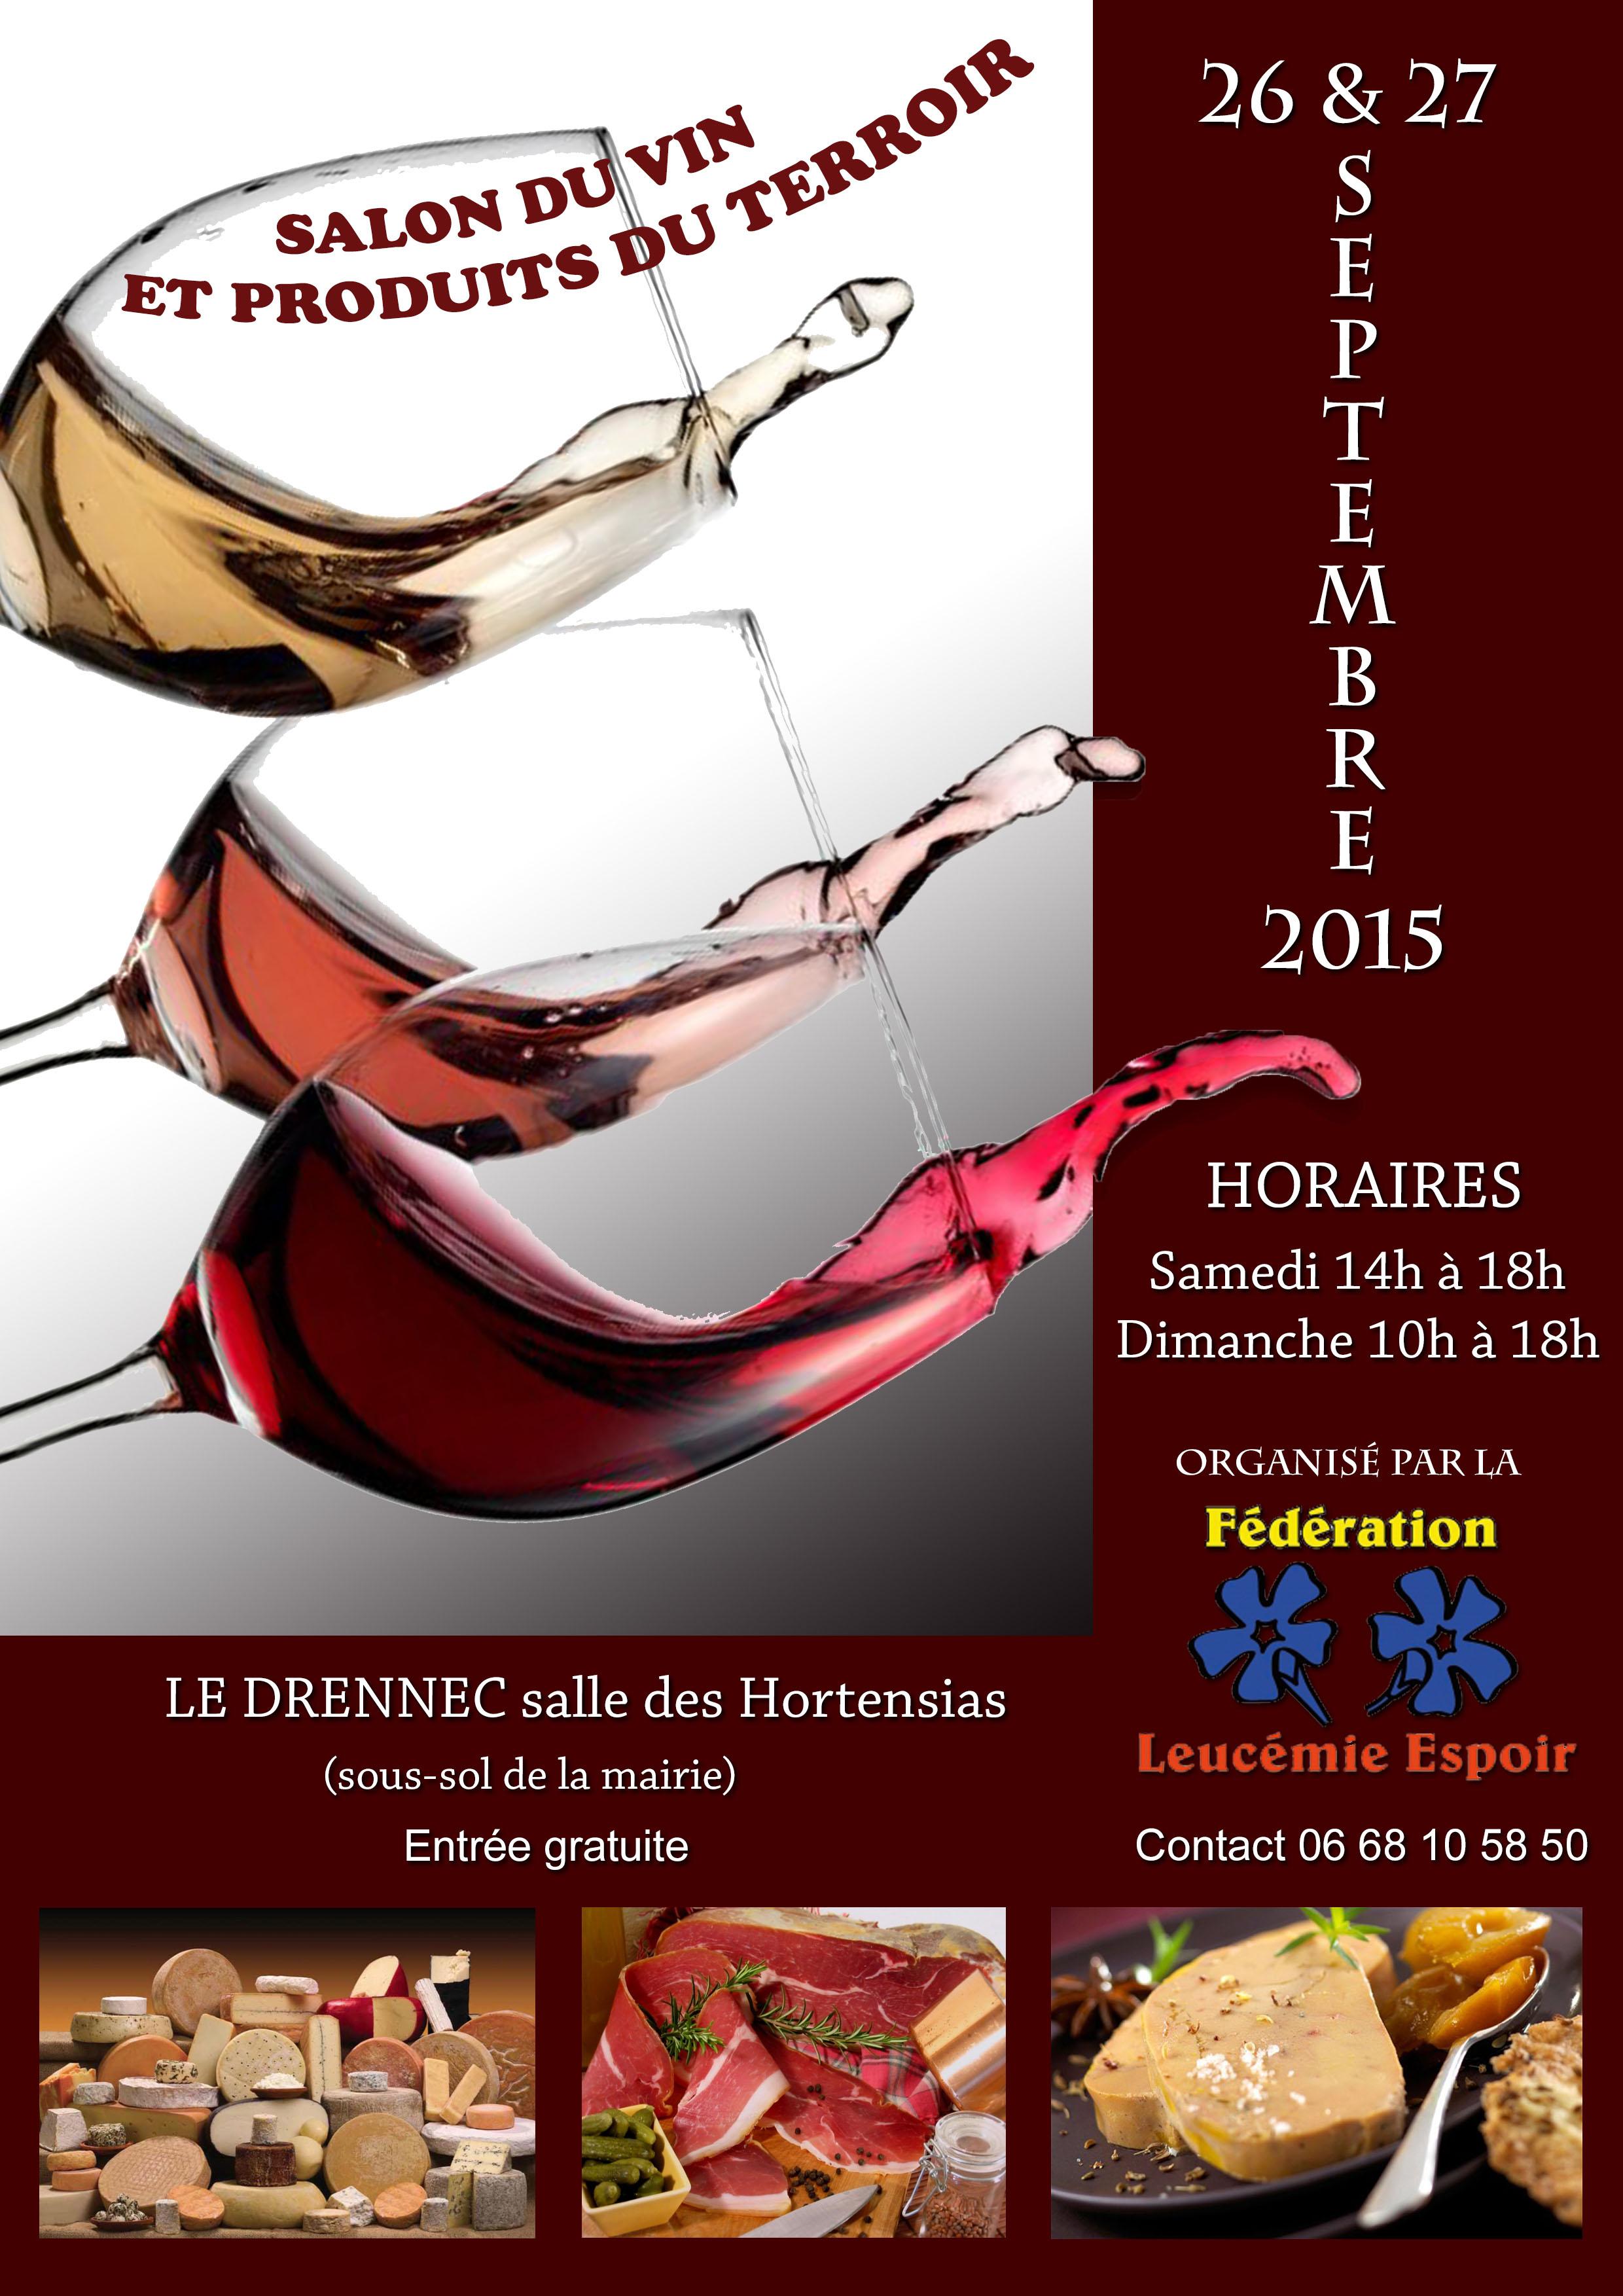 Alliance minervois vignerons r unis salon du vin et for Salon du vin toulouse 2017